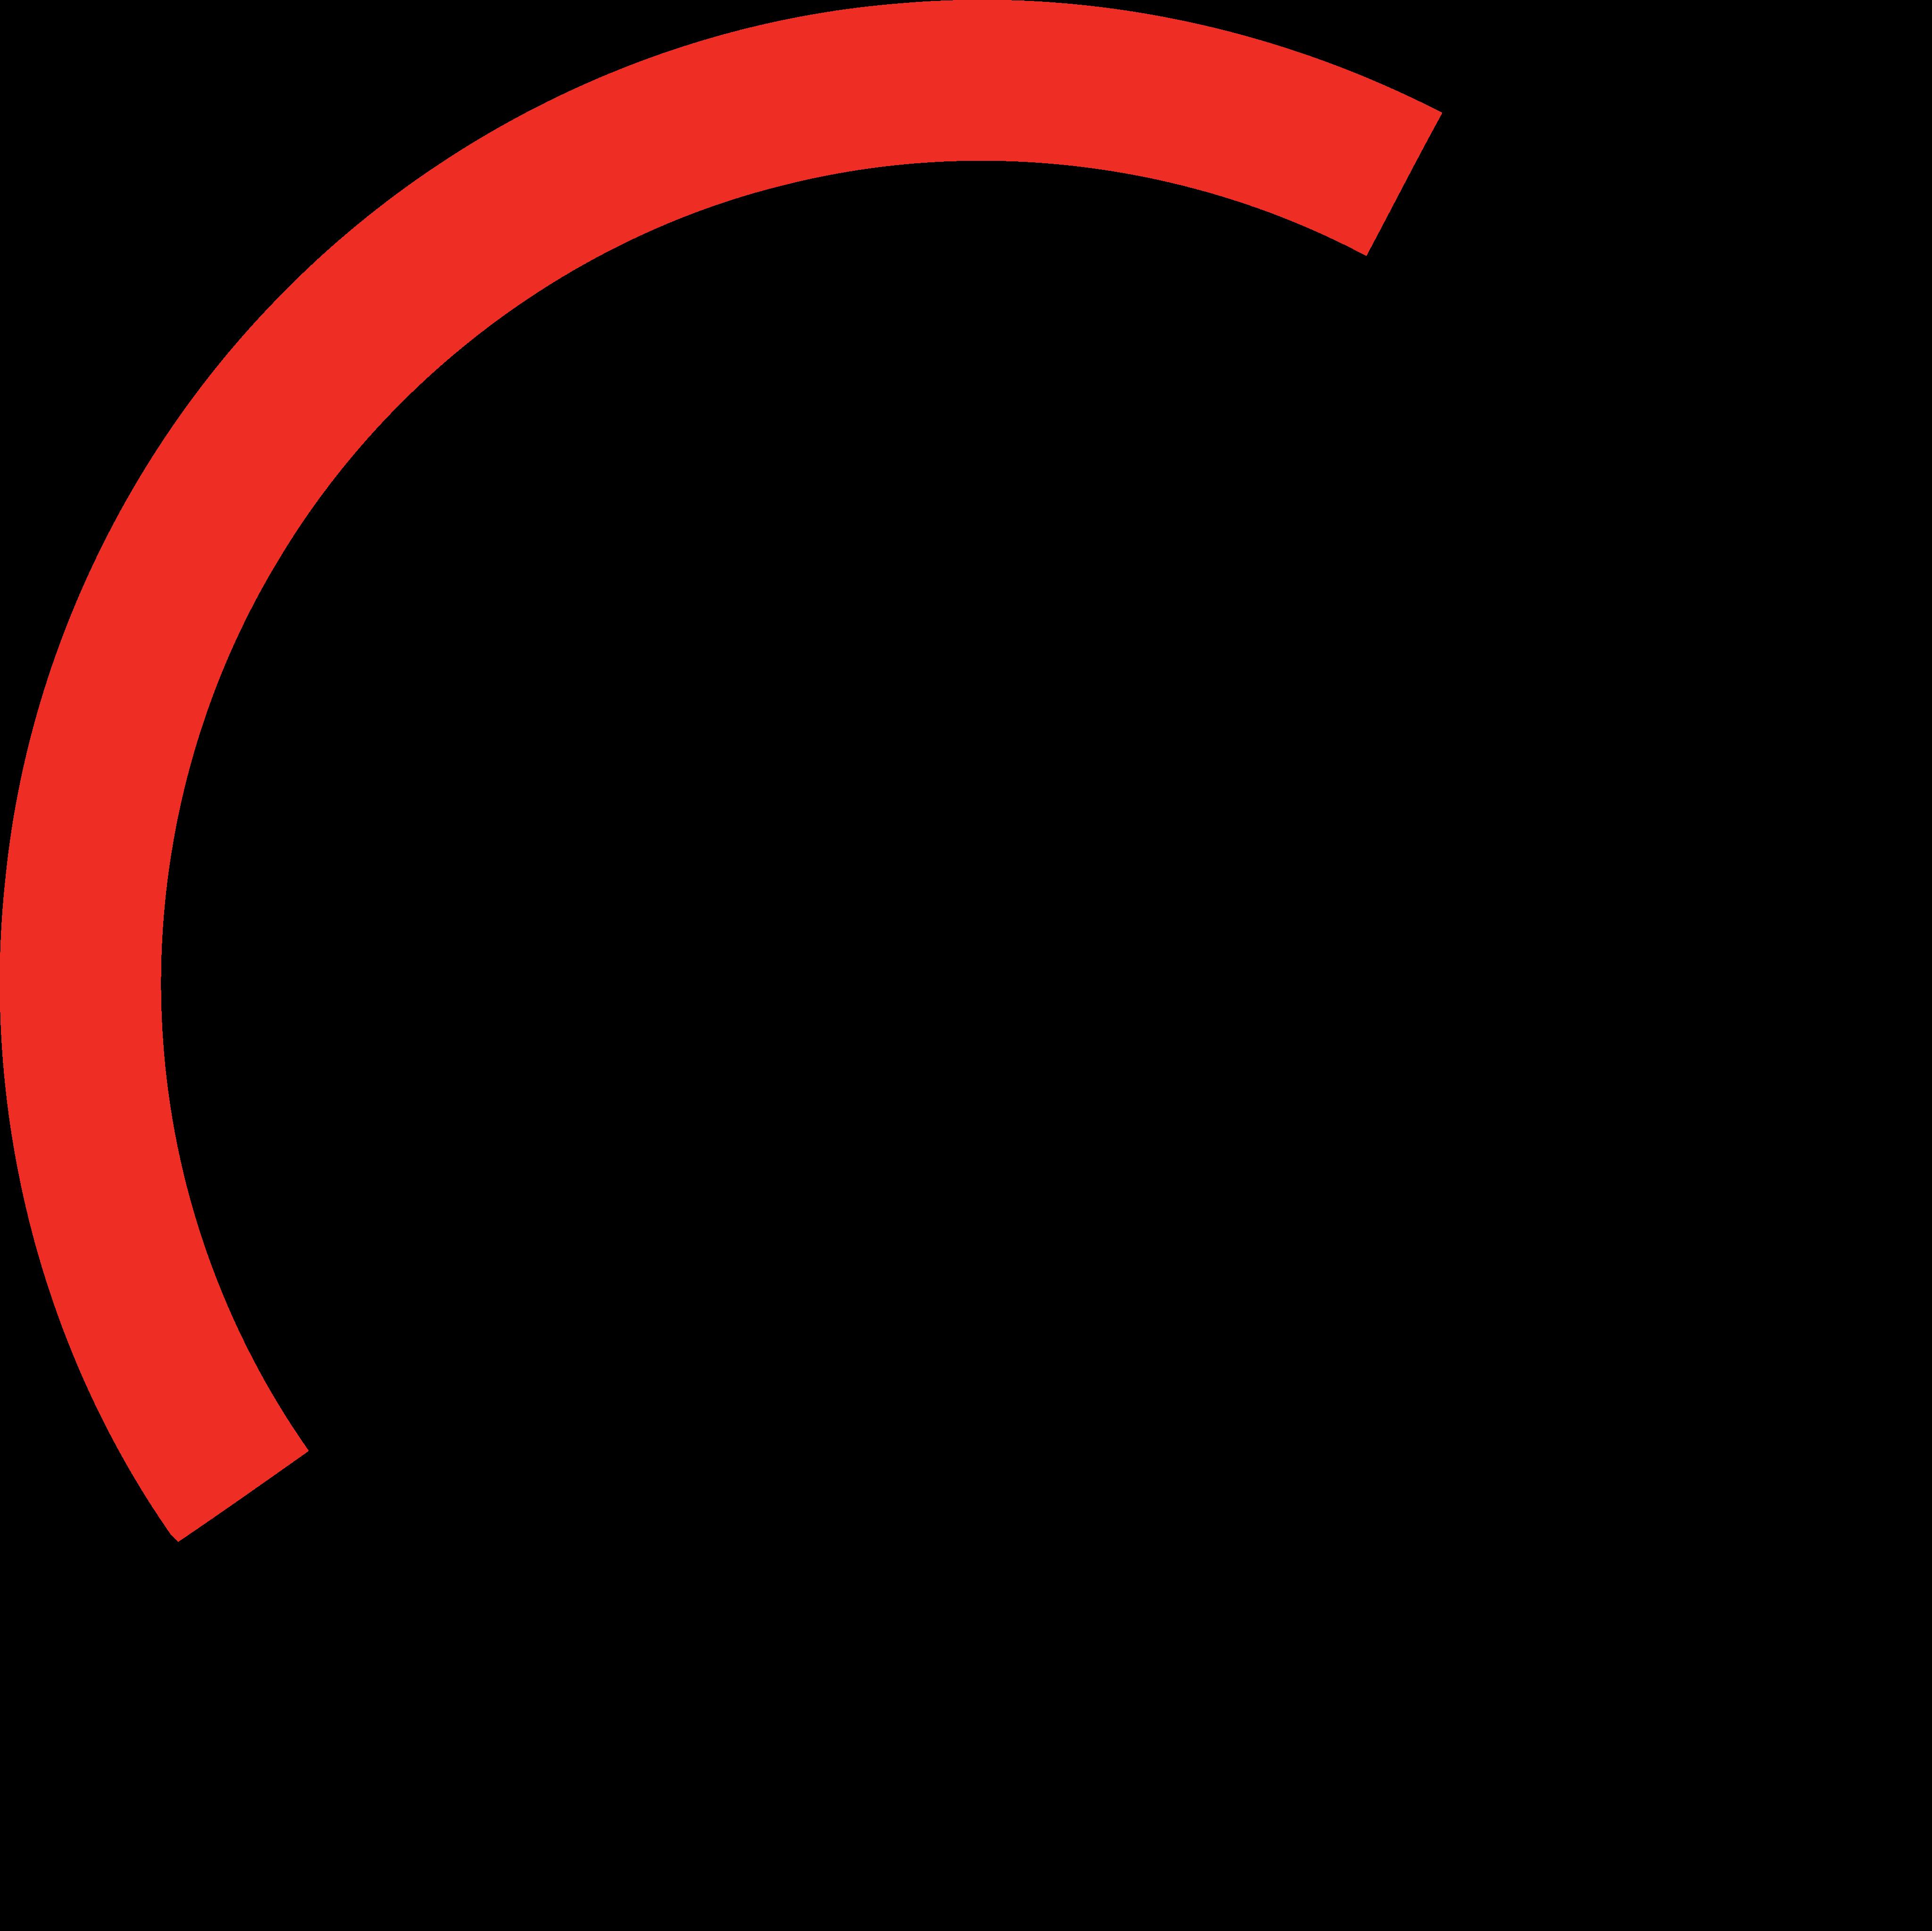 bellator mma logo 1 - Bellator MMA Logo